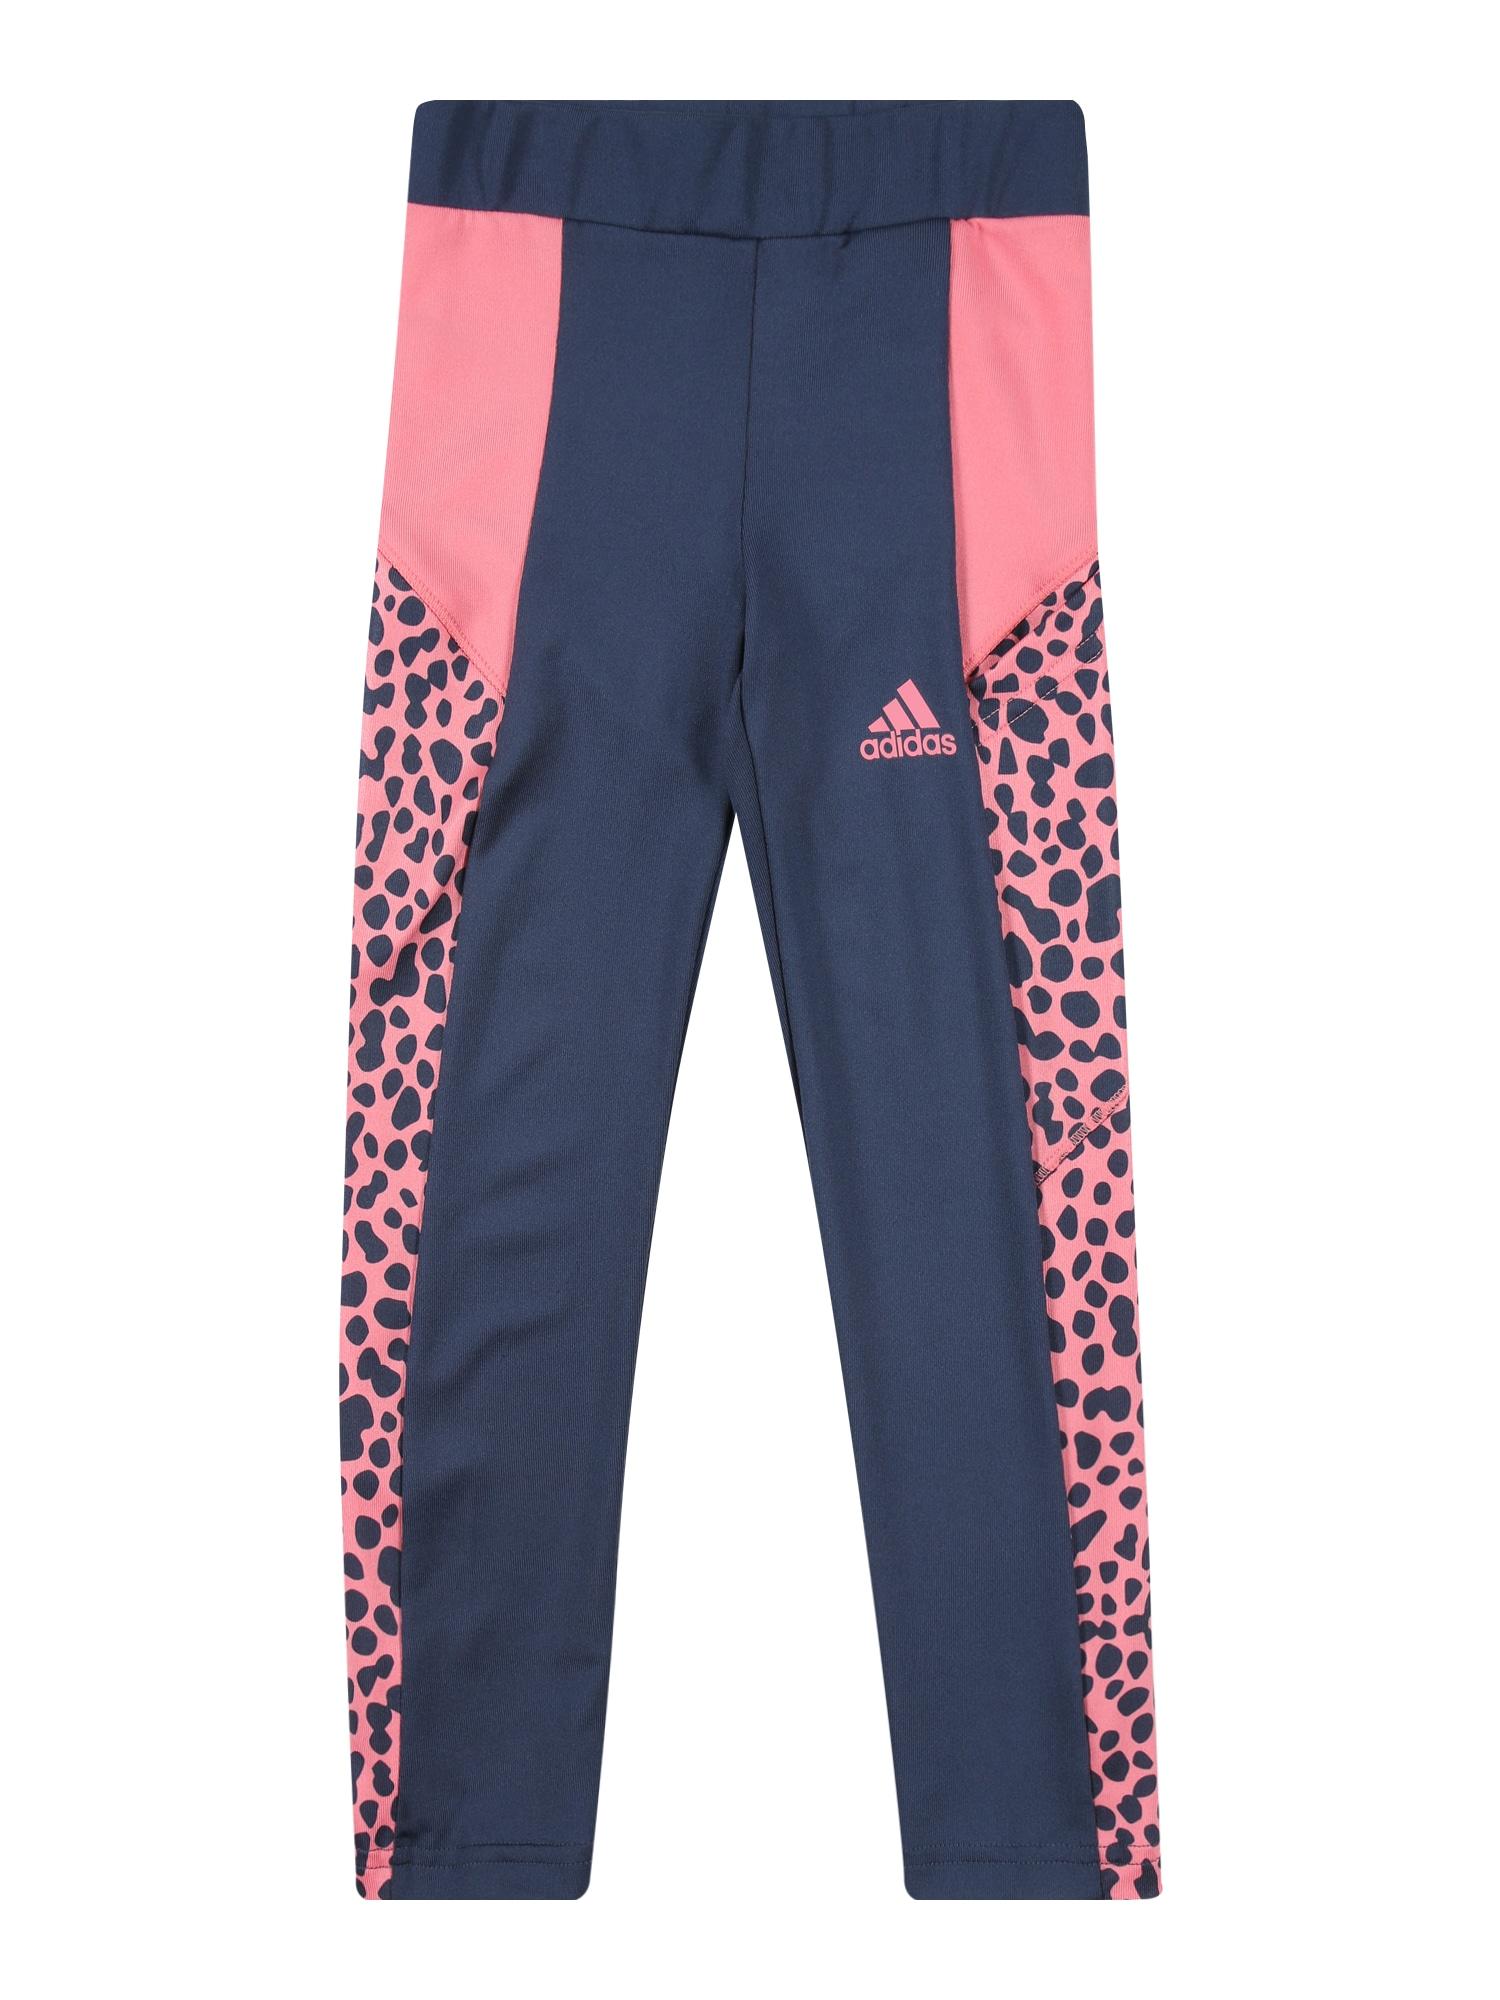 ADIDAS PERFORMANCE Sportinės kelnės rožinė / tamsiai mėlyna